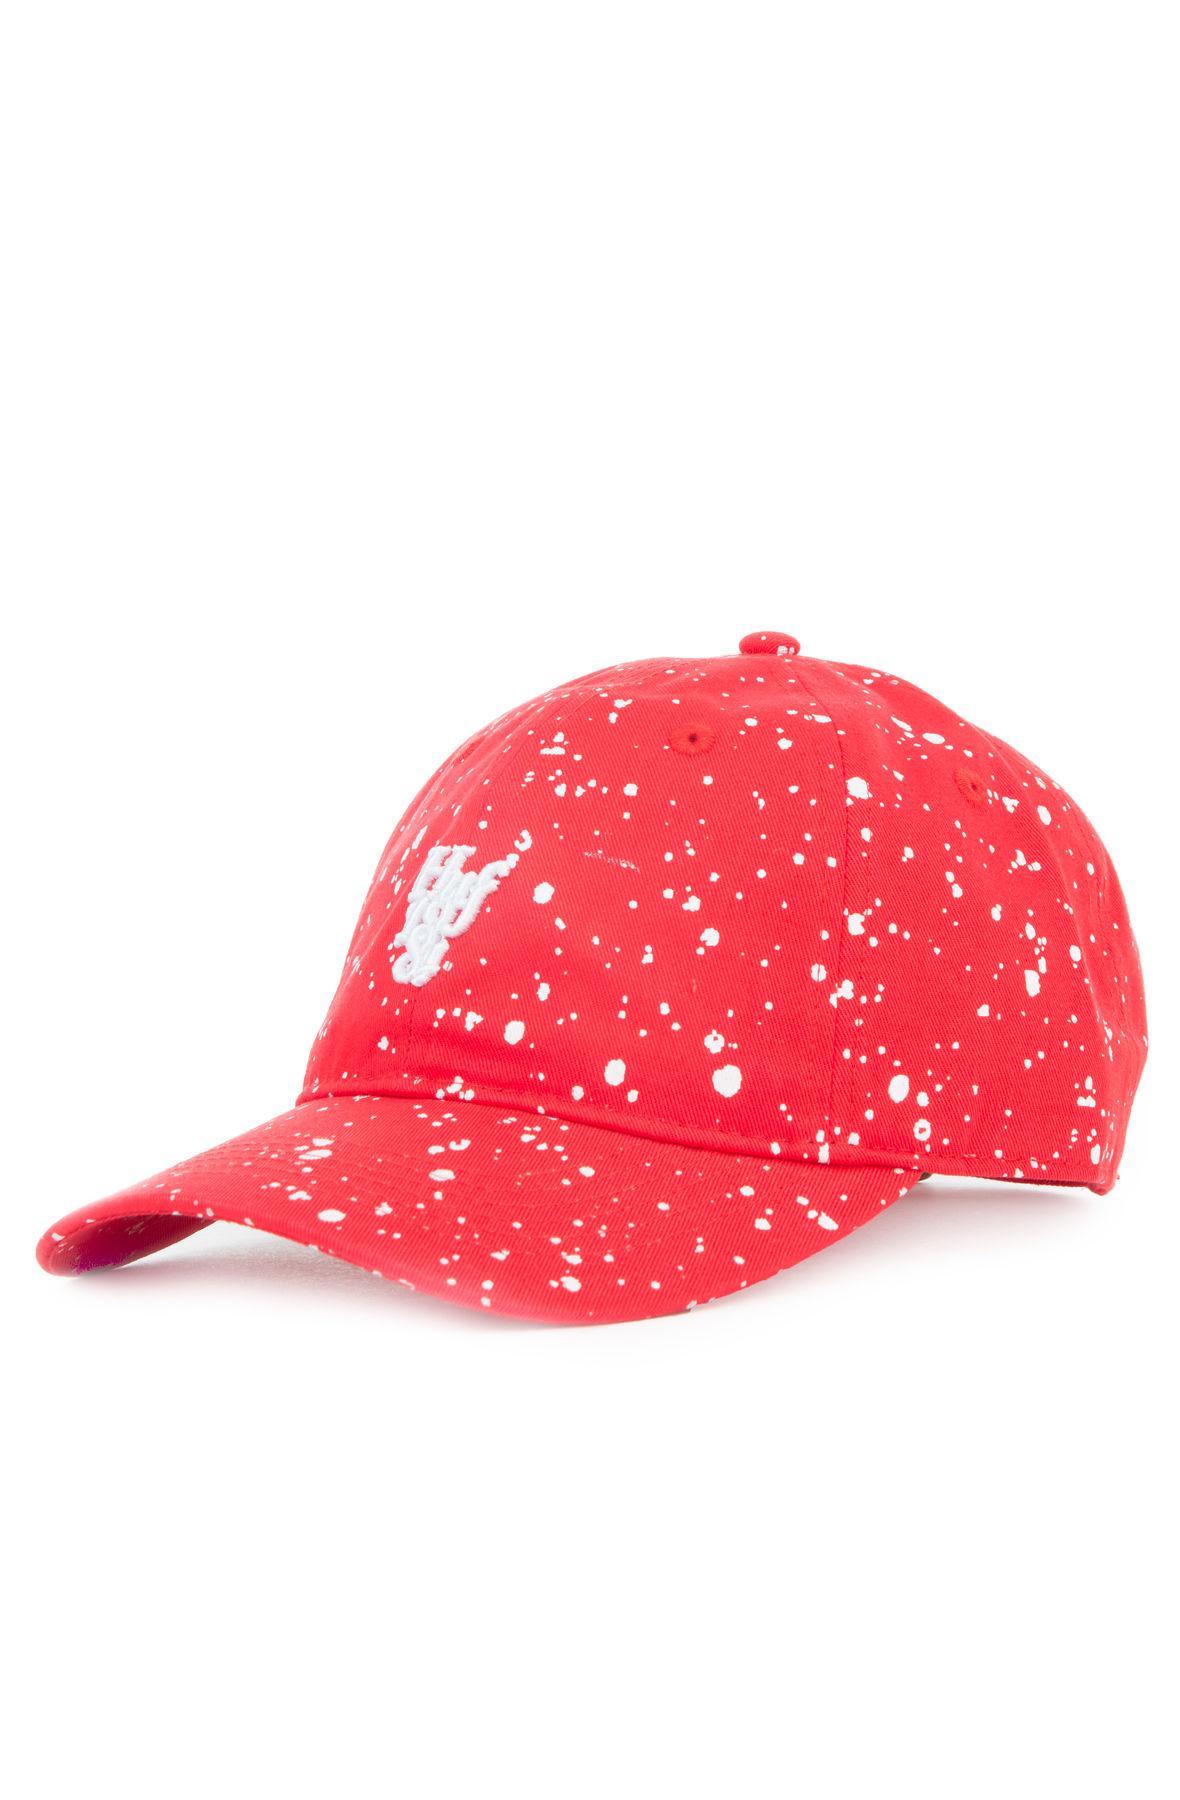 2bcfbb5a7ac Lyst - Huf The Splattered Bleach Curved Visor in Red for Men